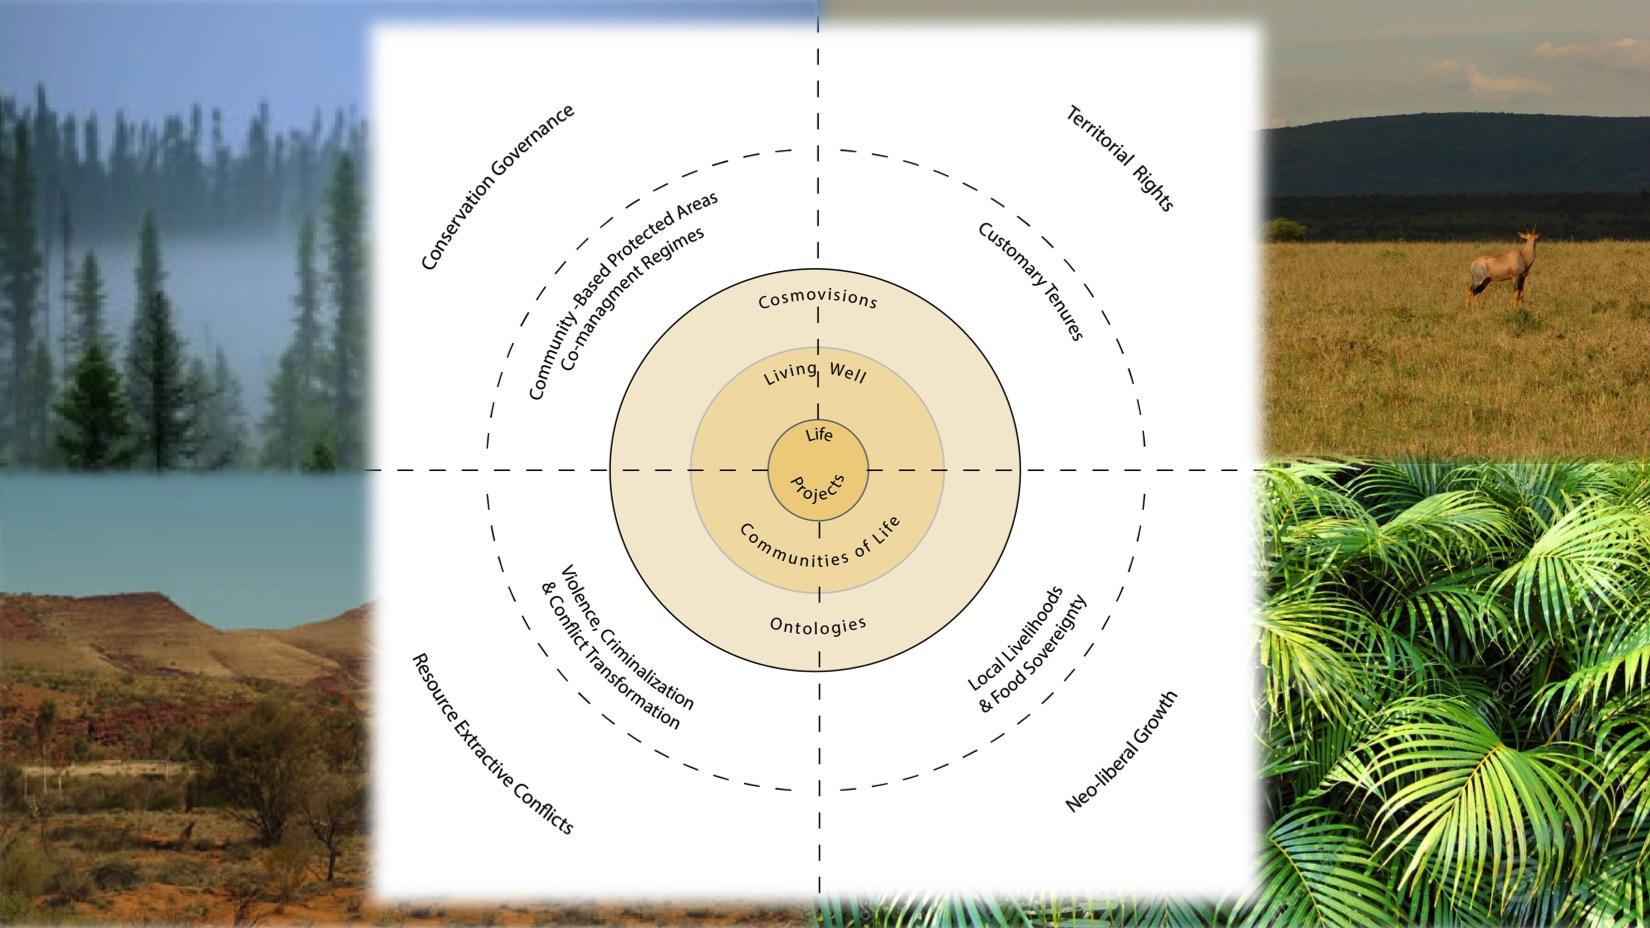 CICADA conceptual scheme